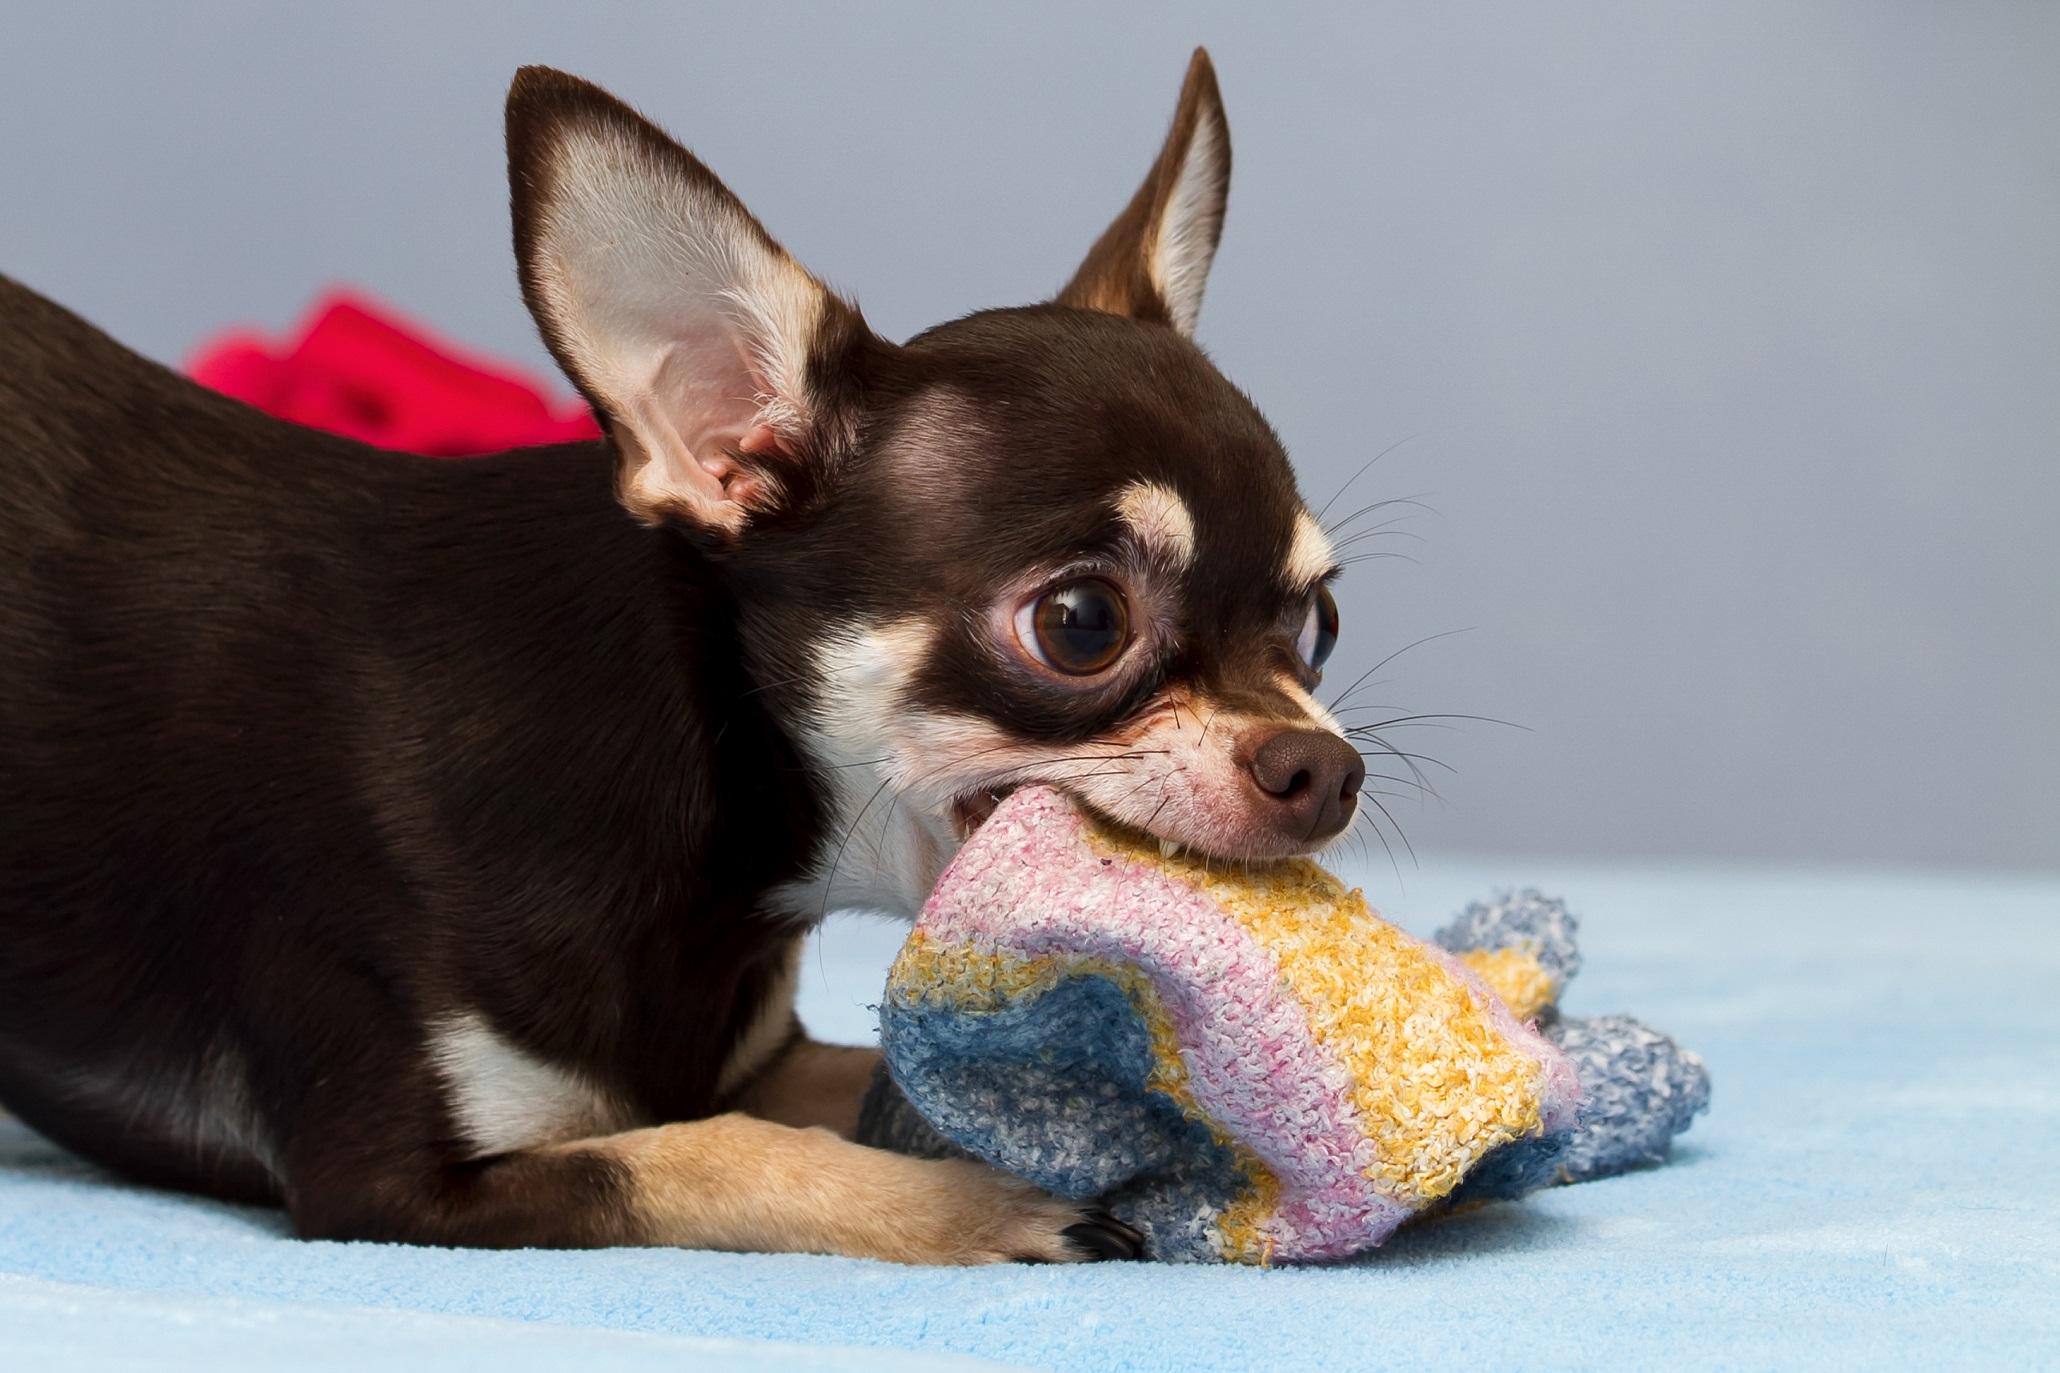 Euer Hund kann eine tolle Haushaltshilfe sein